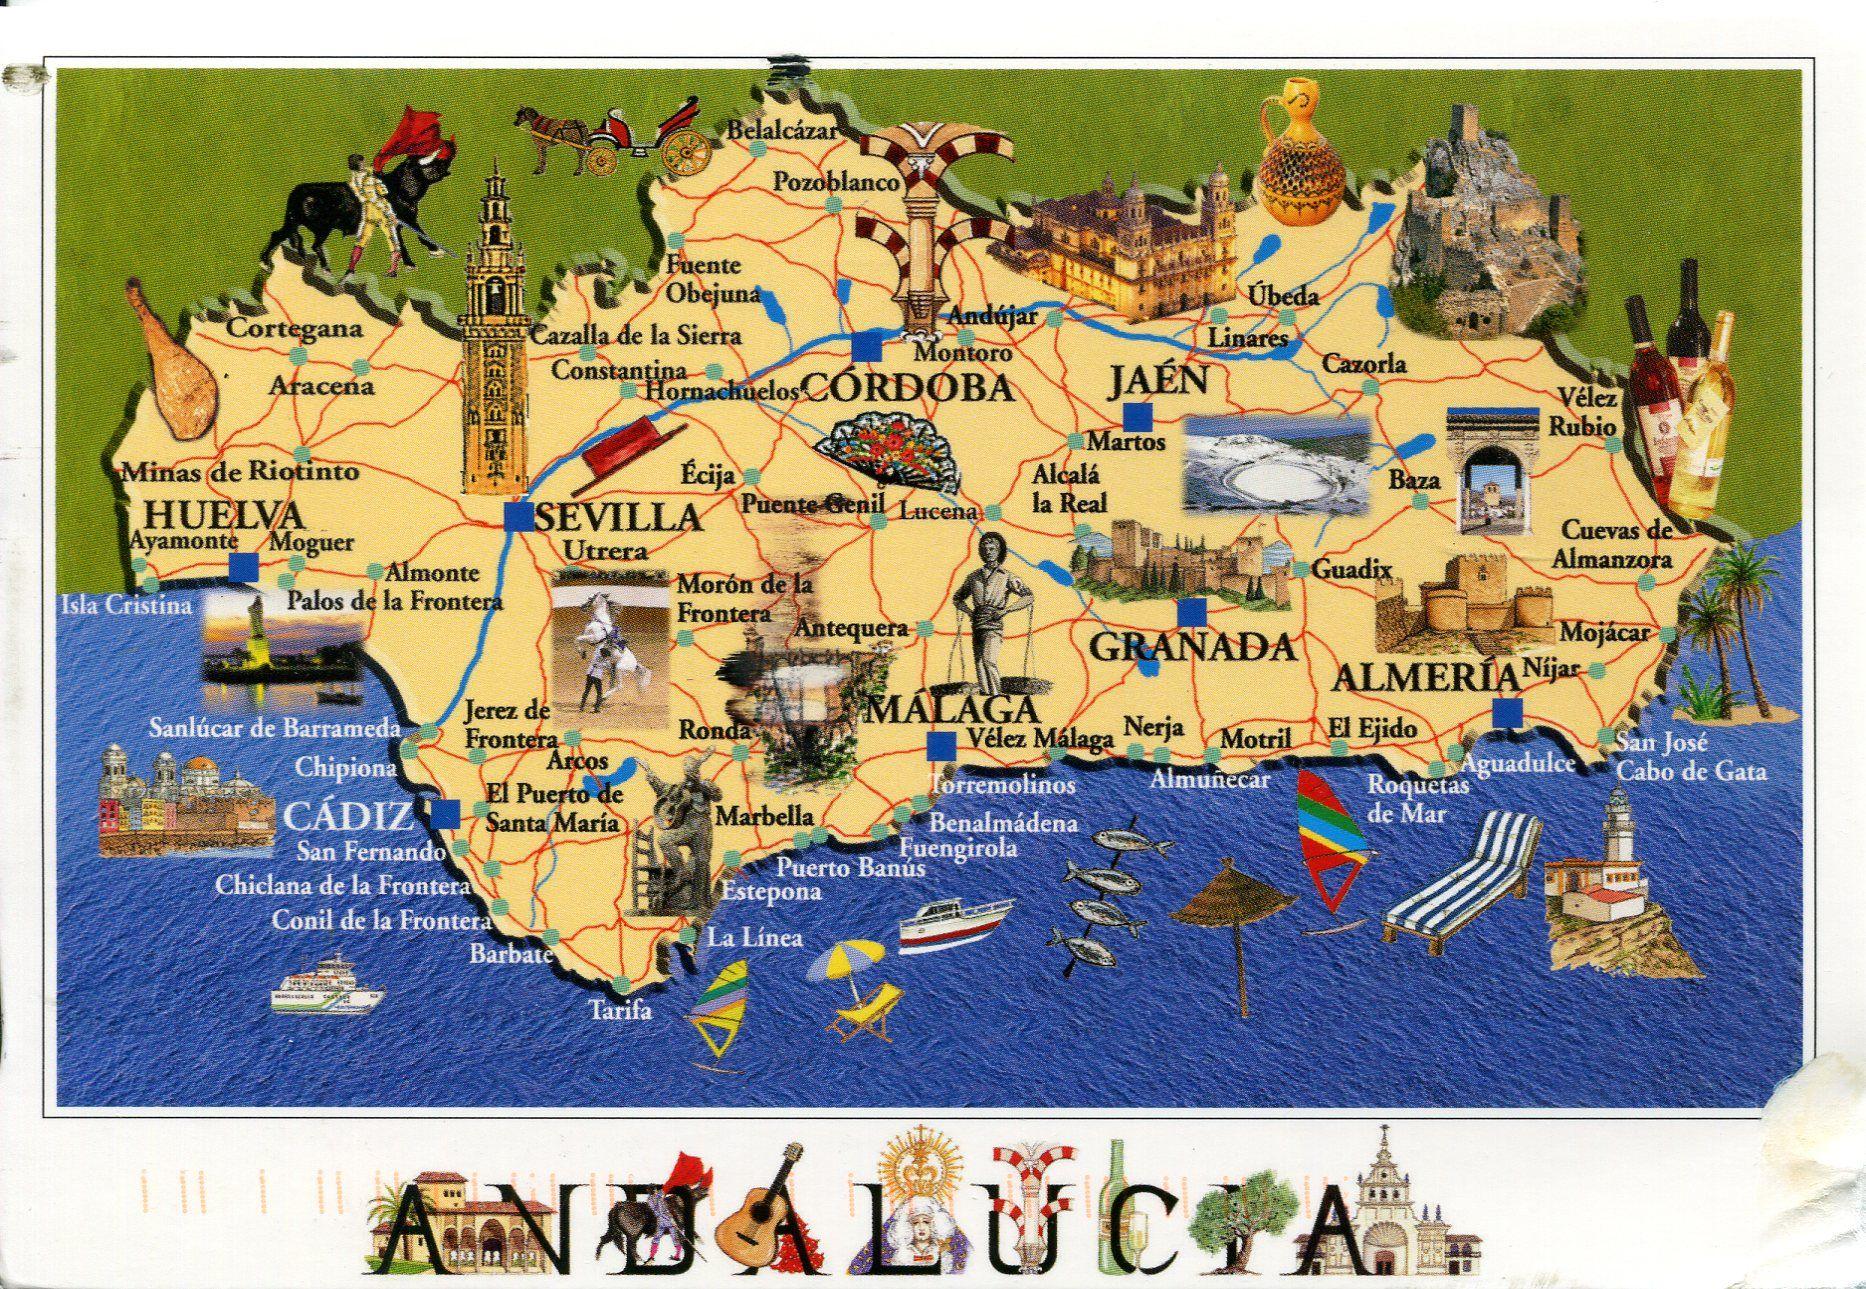 d couvrez la carte touristique d 39 andalousie et tous ses points d 39 int r ts et h tels pour. Black Bedroom Furniture Sets. Home Design Ideas